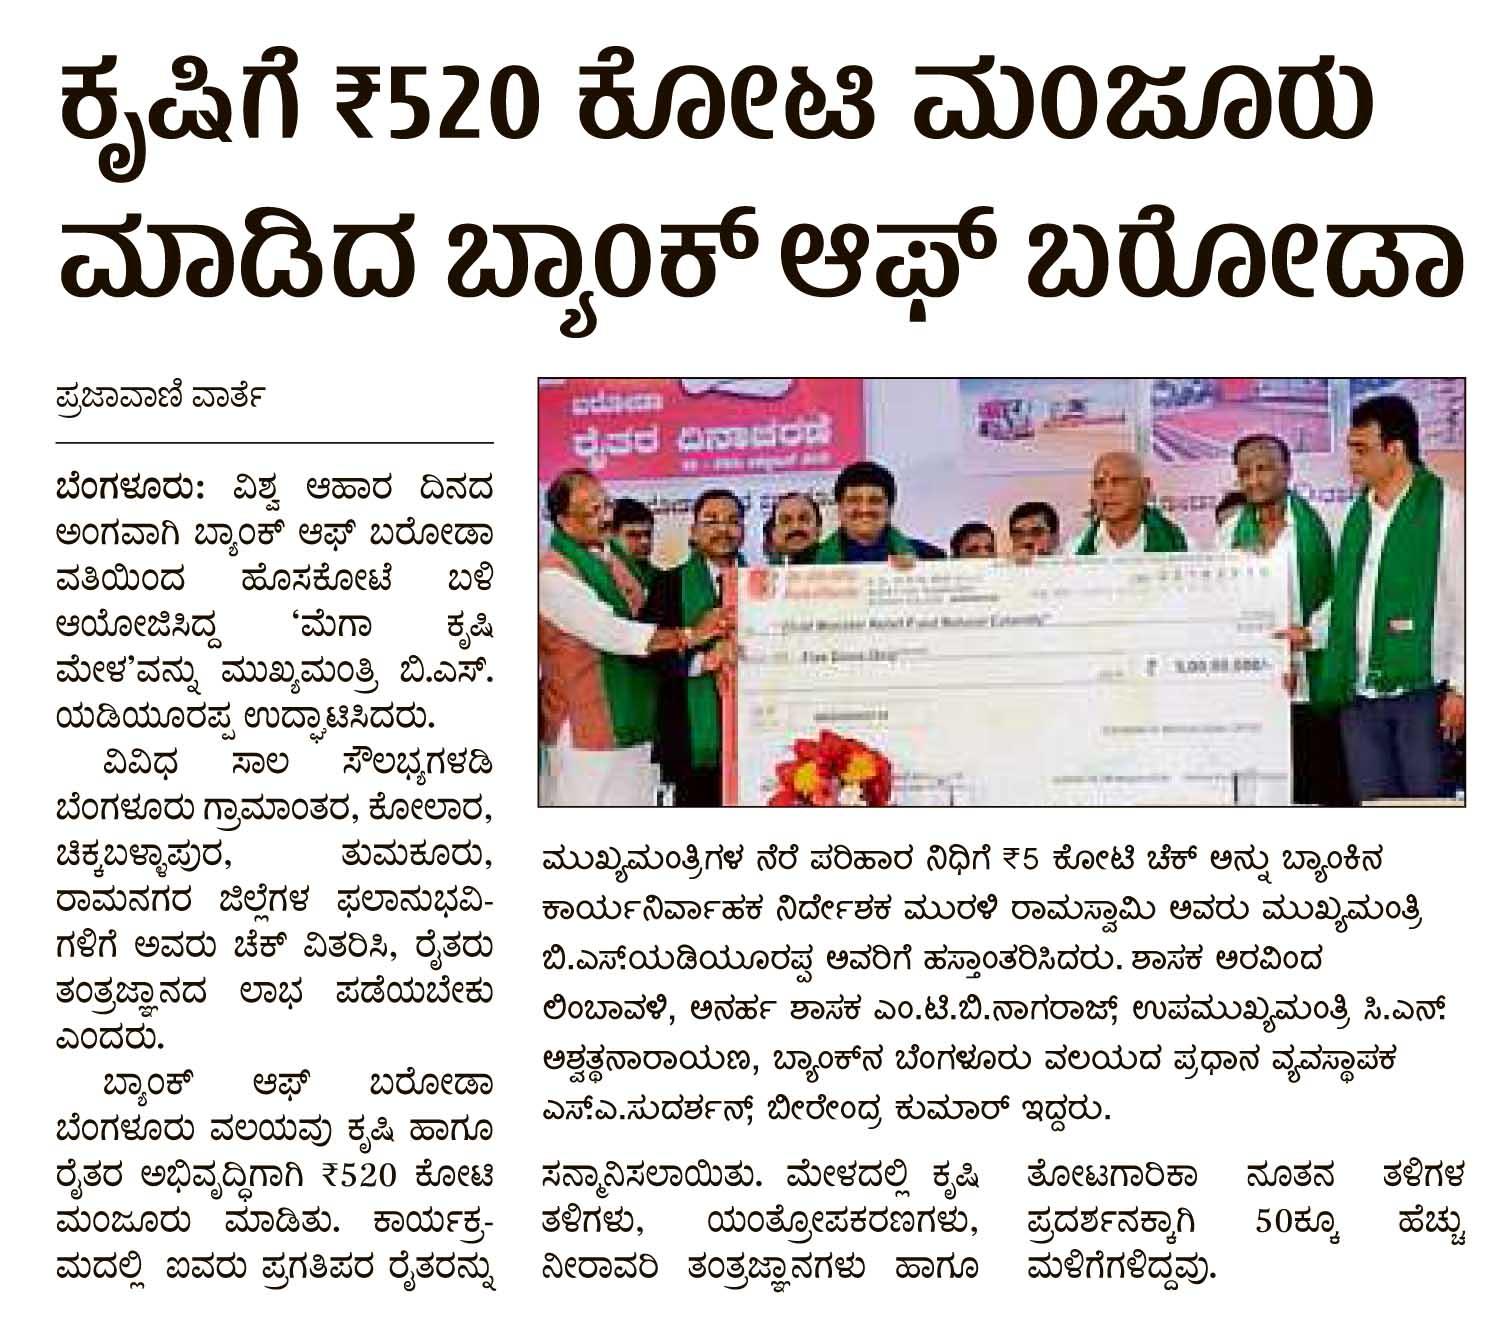 ಕೃಷಿಗೆ ರೂ 520 ಕೋಟಿ ಮಂಜೂರು ಮಾಡಿದ ಬ್ಯಾಂಕ್ ಆಫ್ ಬರೋಡ